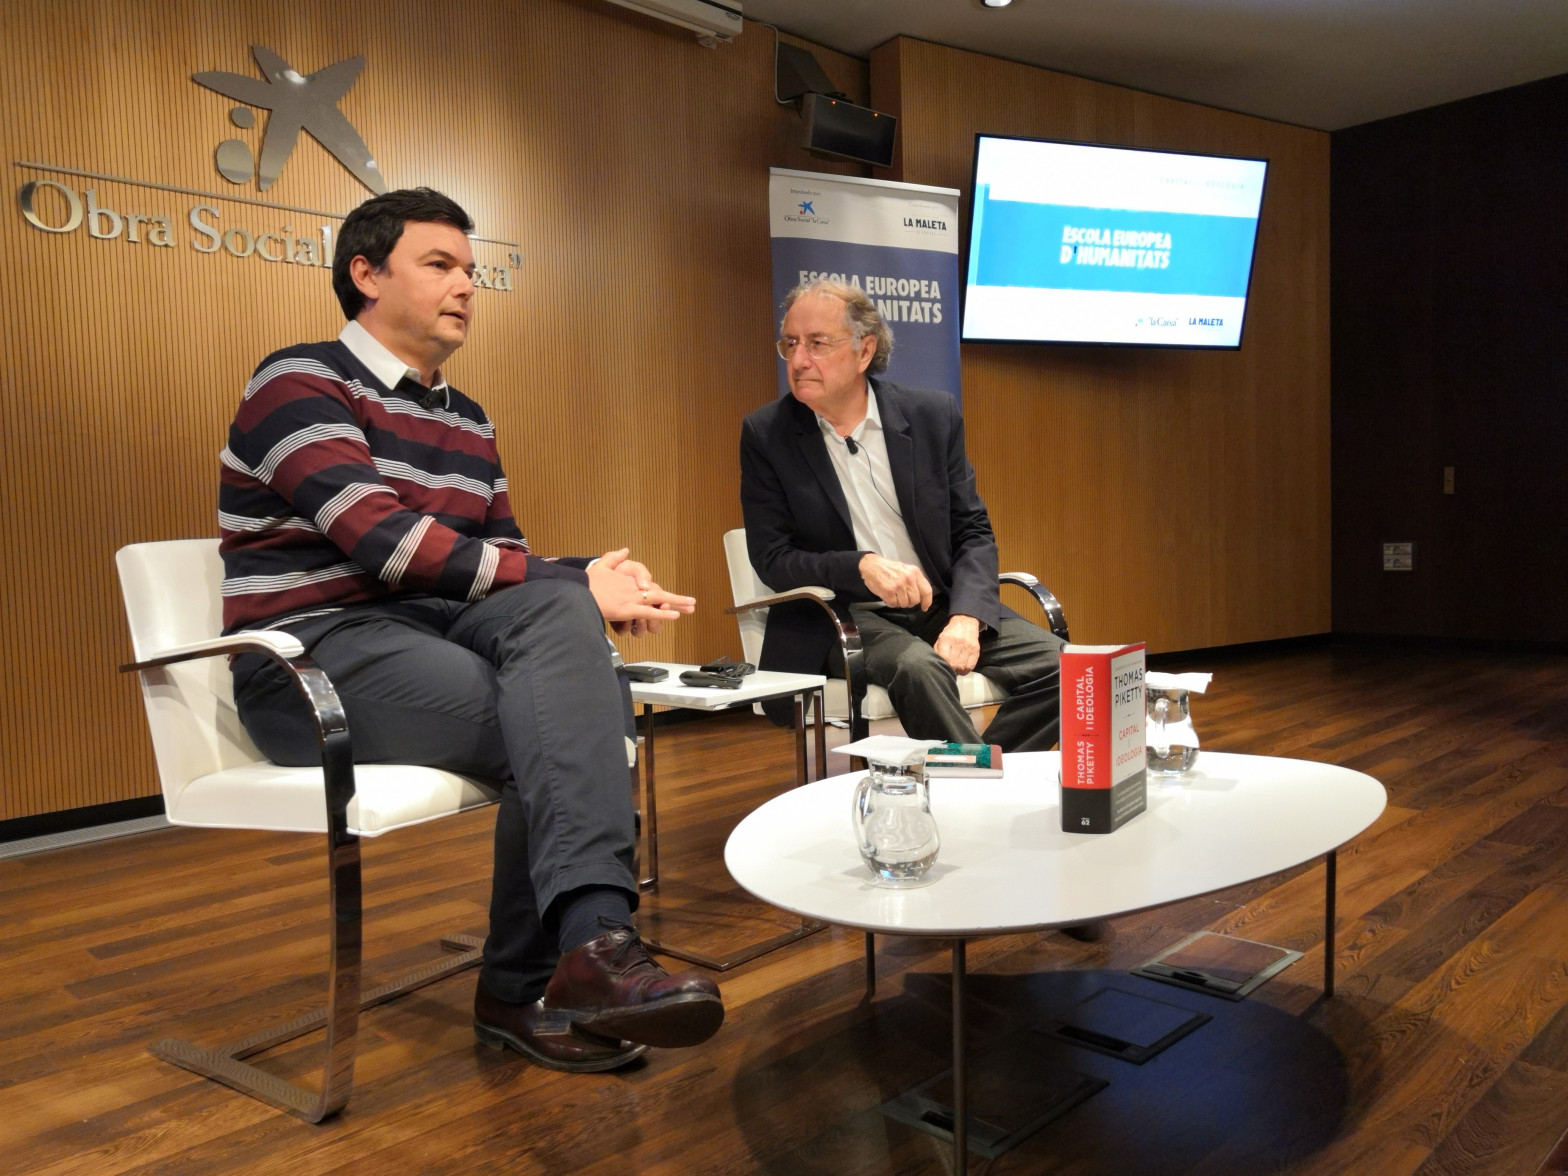 La propuesta de Piketty: bienintencionada, pero irrelevante